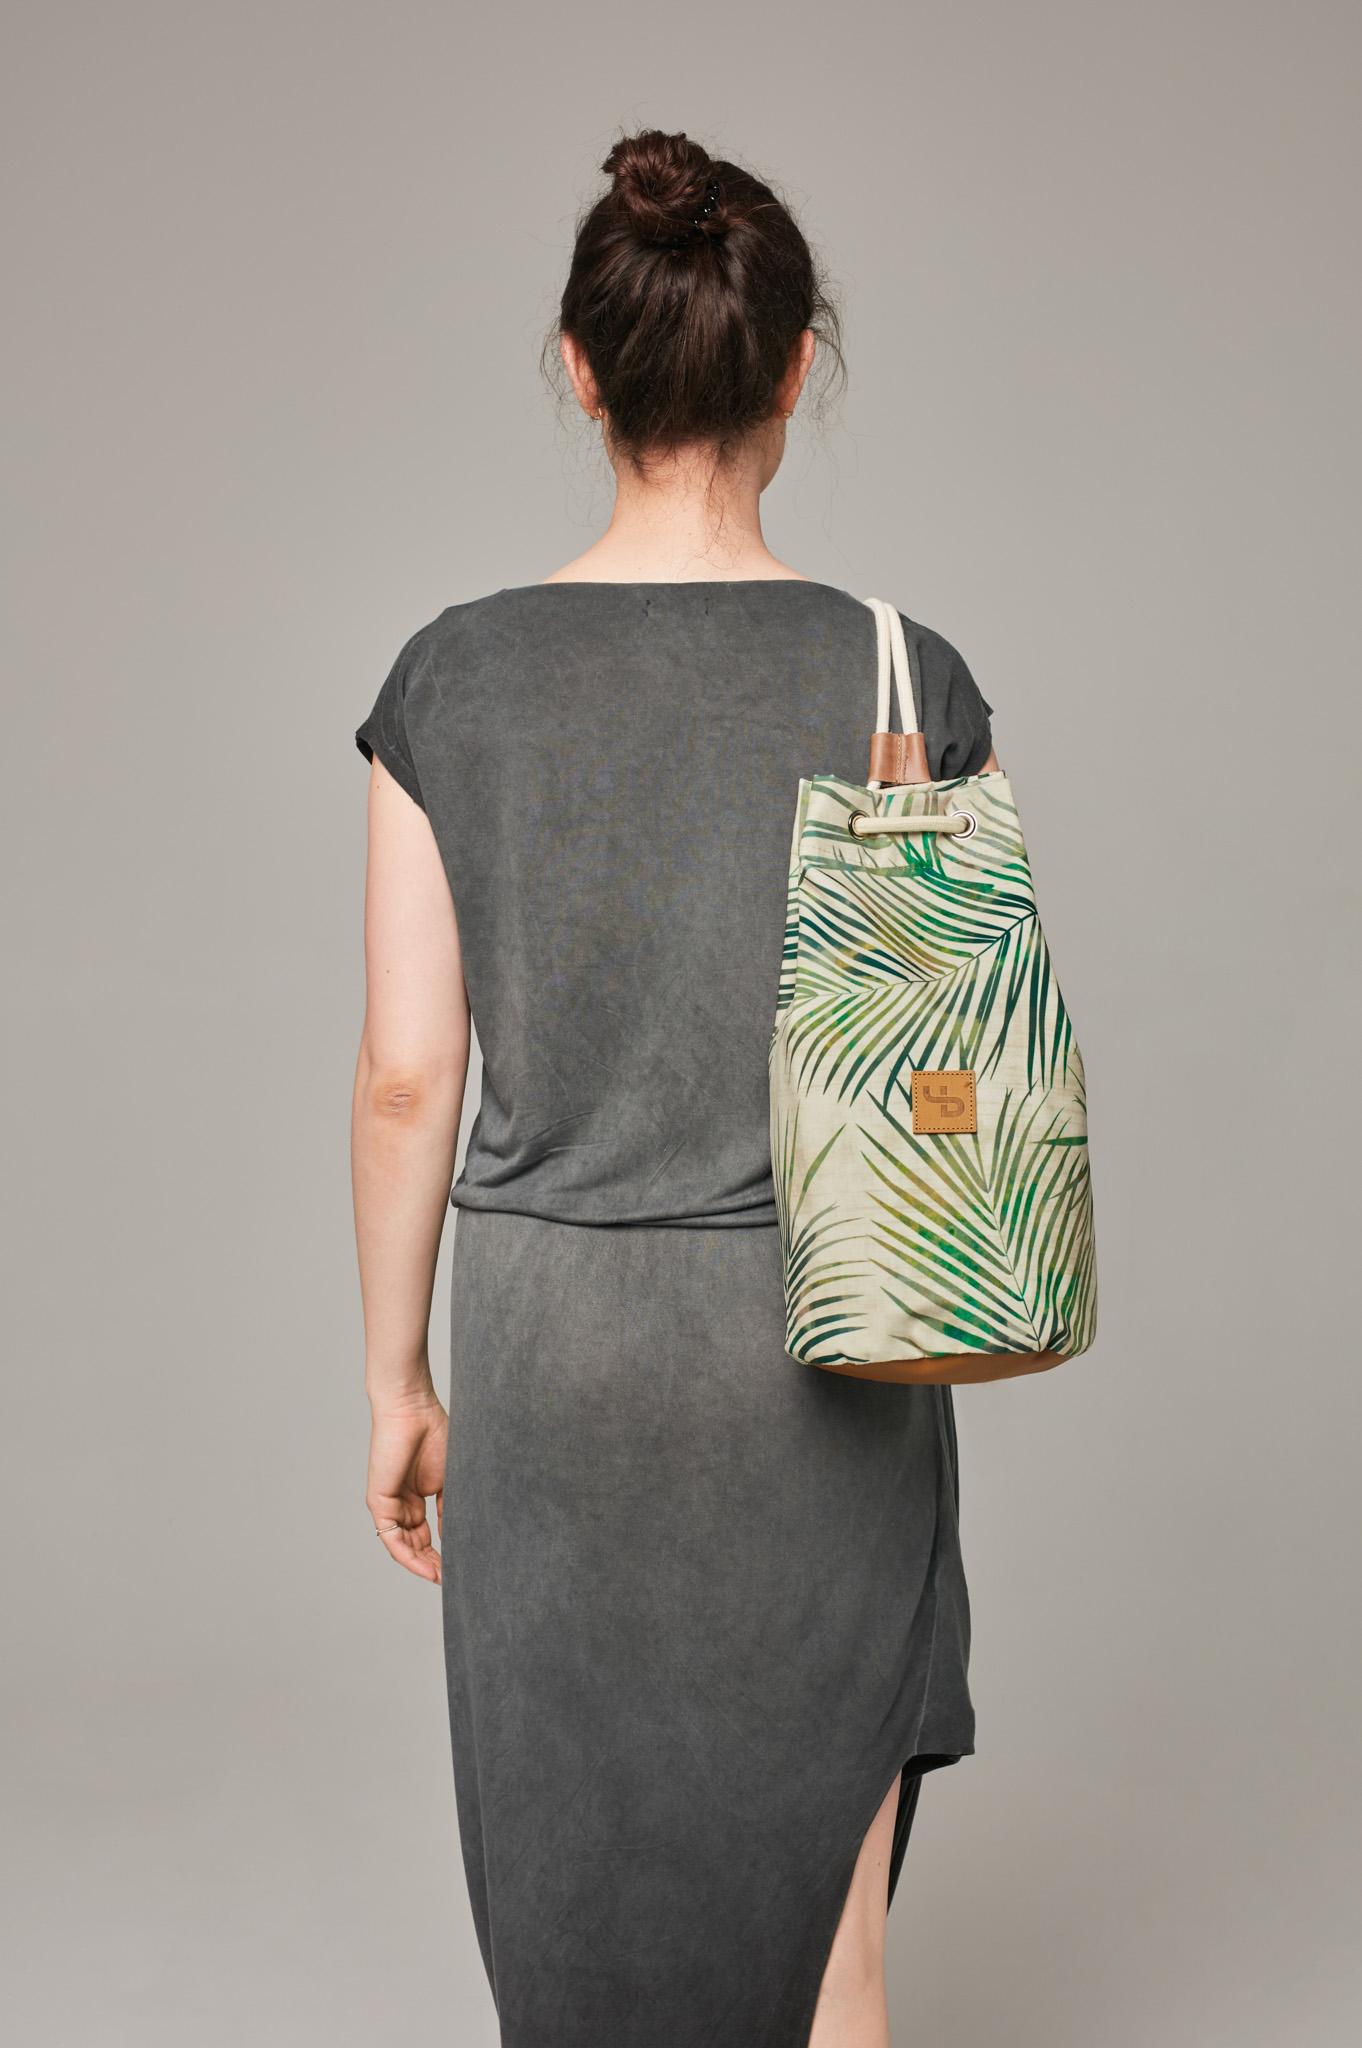 Tropikalny plecak w liście / leaves tuba print roślinny nieprzemakalny na wyjazd minimalistyczny - Lootbag